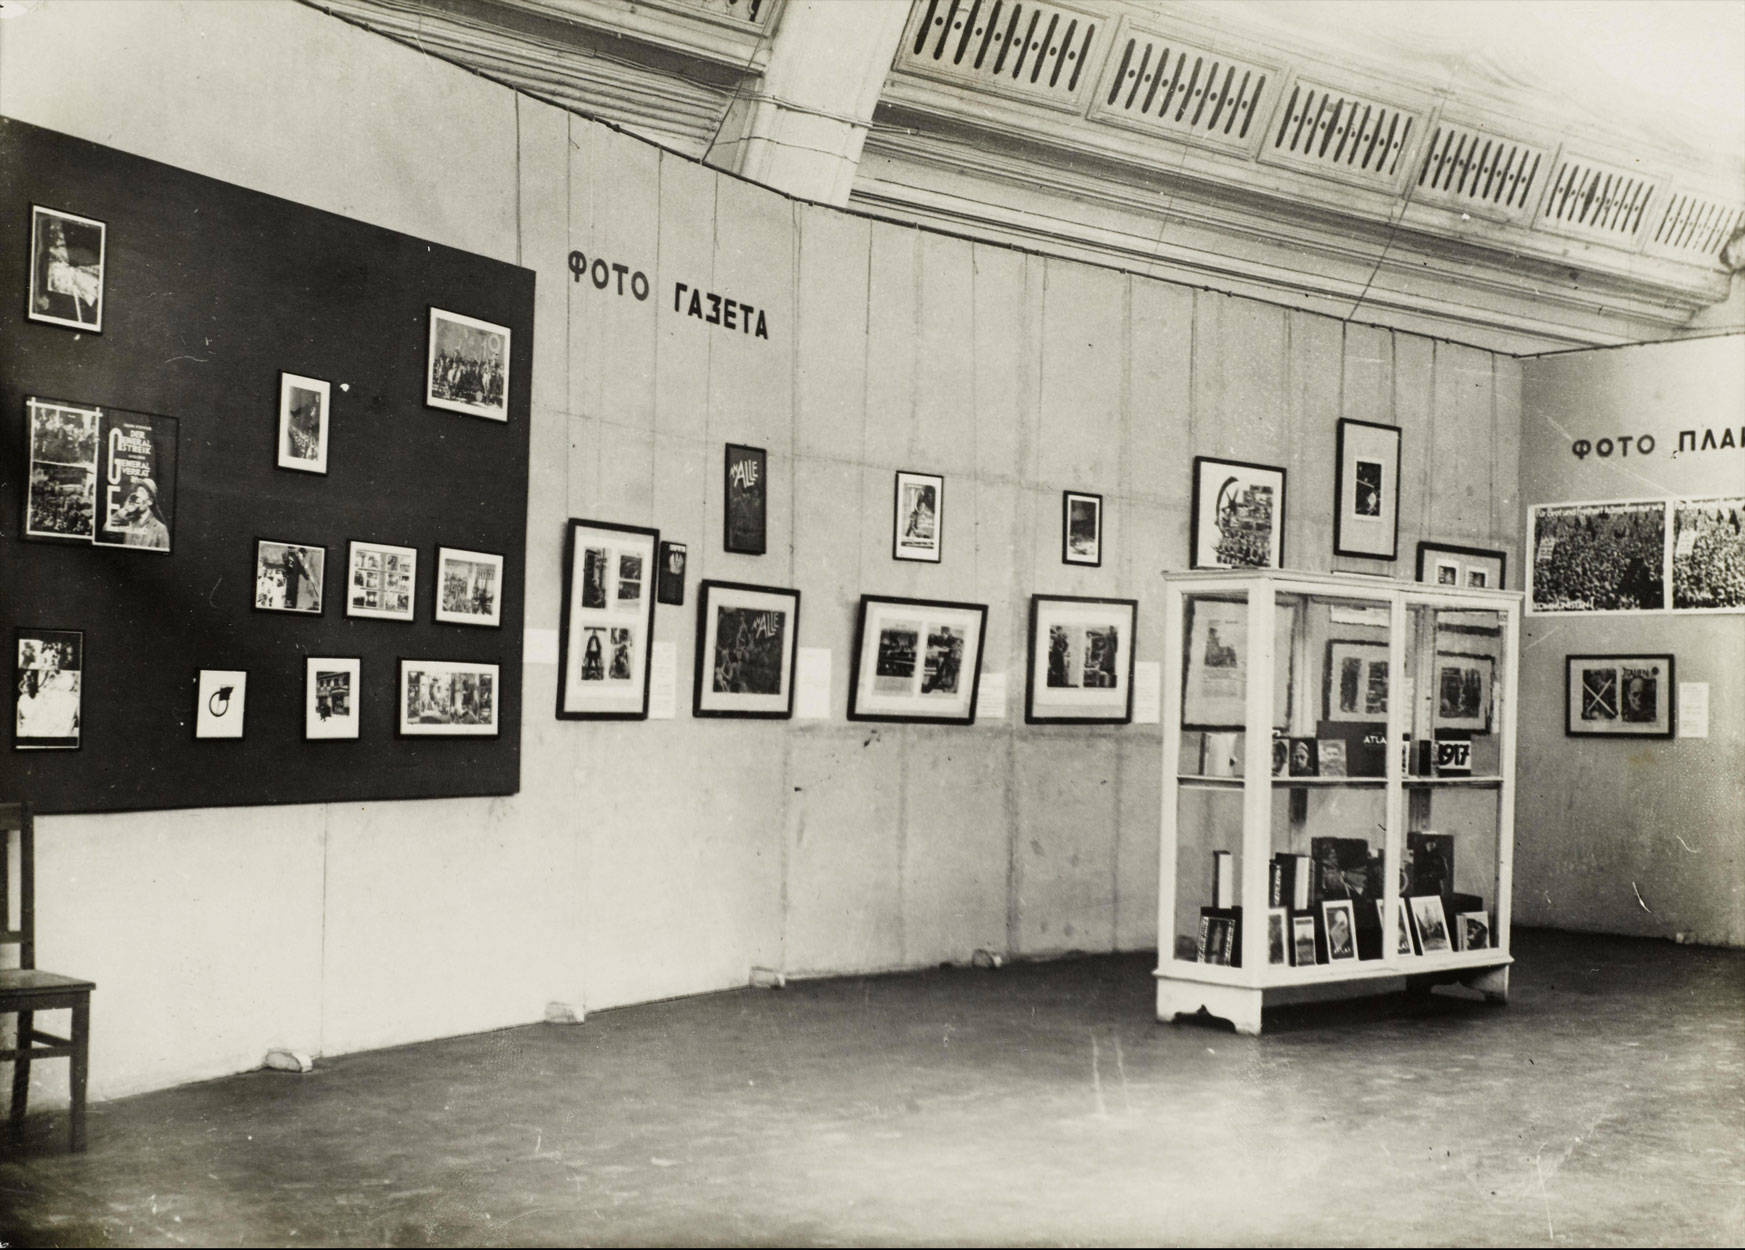 Heartfield-Ausstellung im Haus der Künstler, Moskau, Wand: Foto-Zeitung und Foto-Plakat, 1931